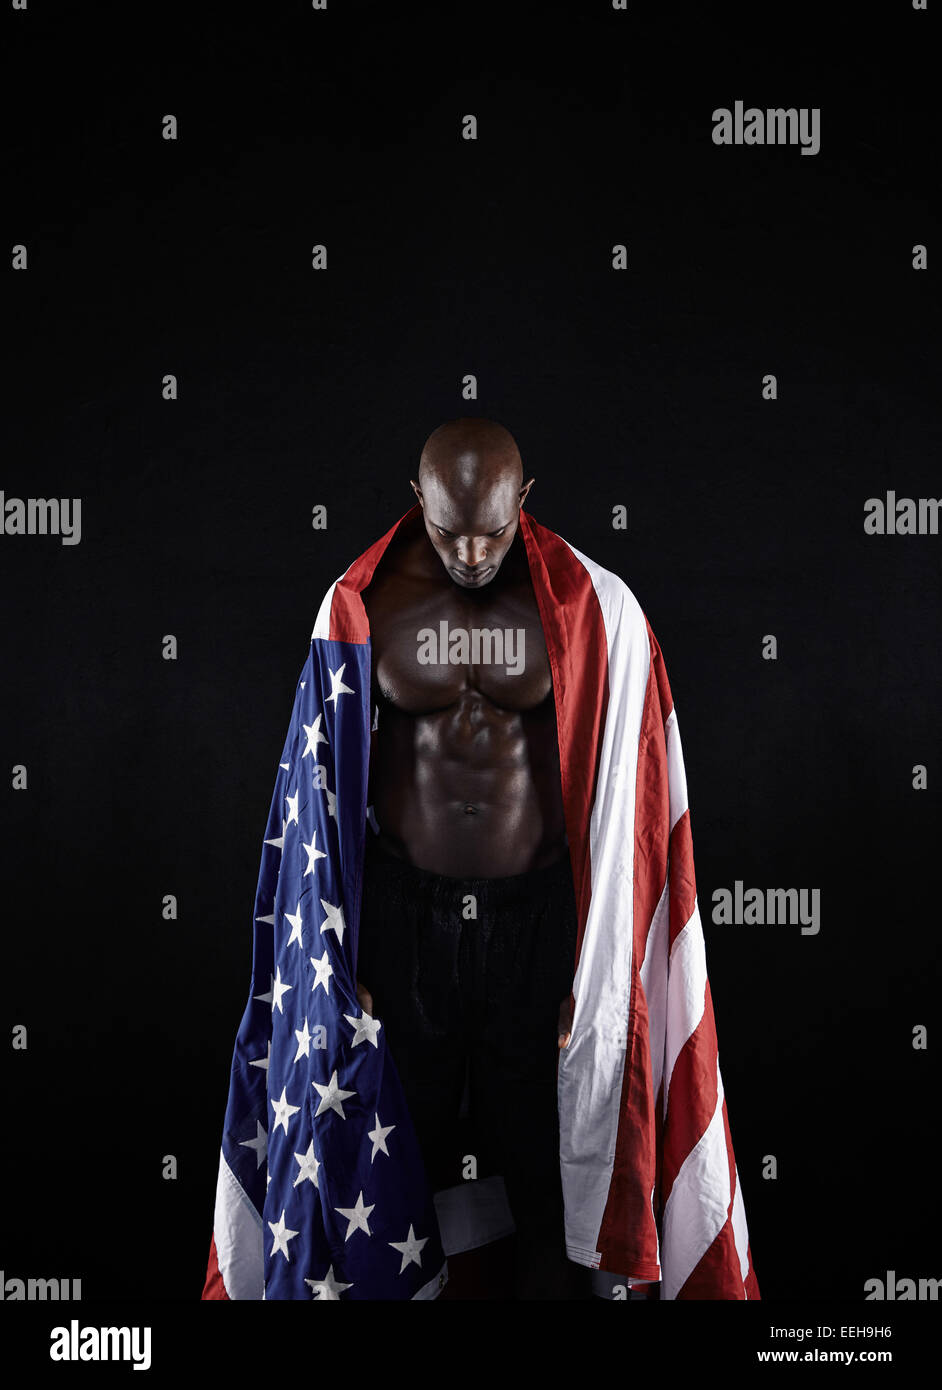 Homme musclé torse nu avec le drapeau américain sur fond noir. Avec l'athlète des Jeux Olympiques Photo Stock